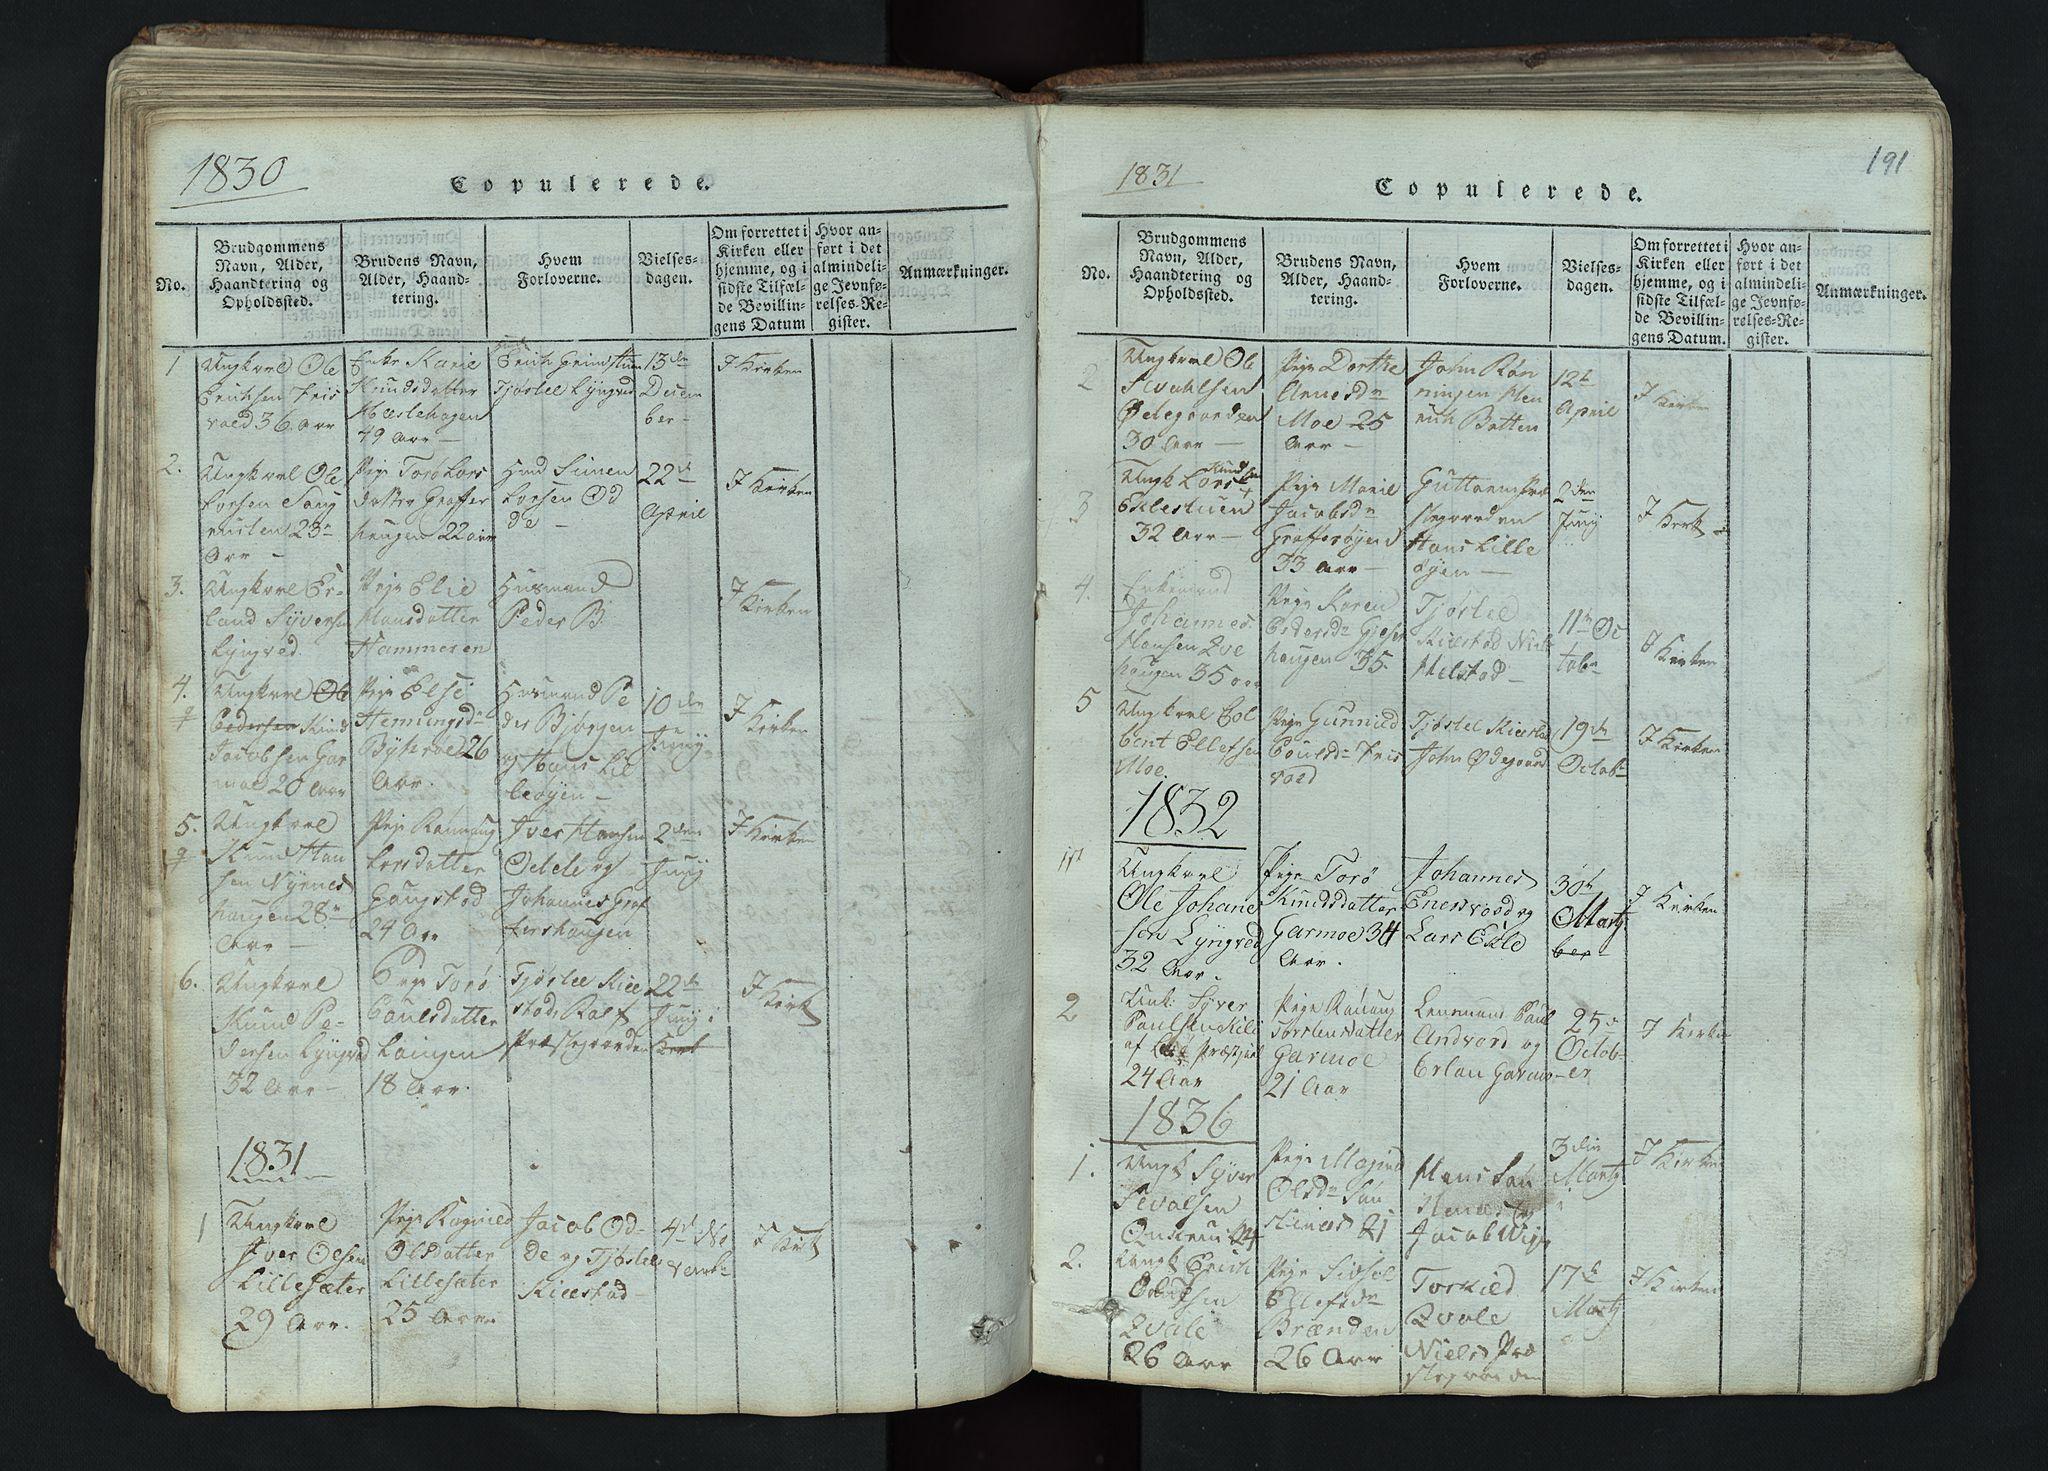 SAH, Lom prestekontor, L/L0002: Klokkerbok nr. 2, 1815-1844, s. 191